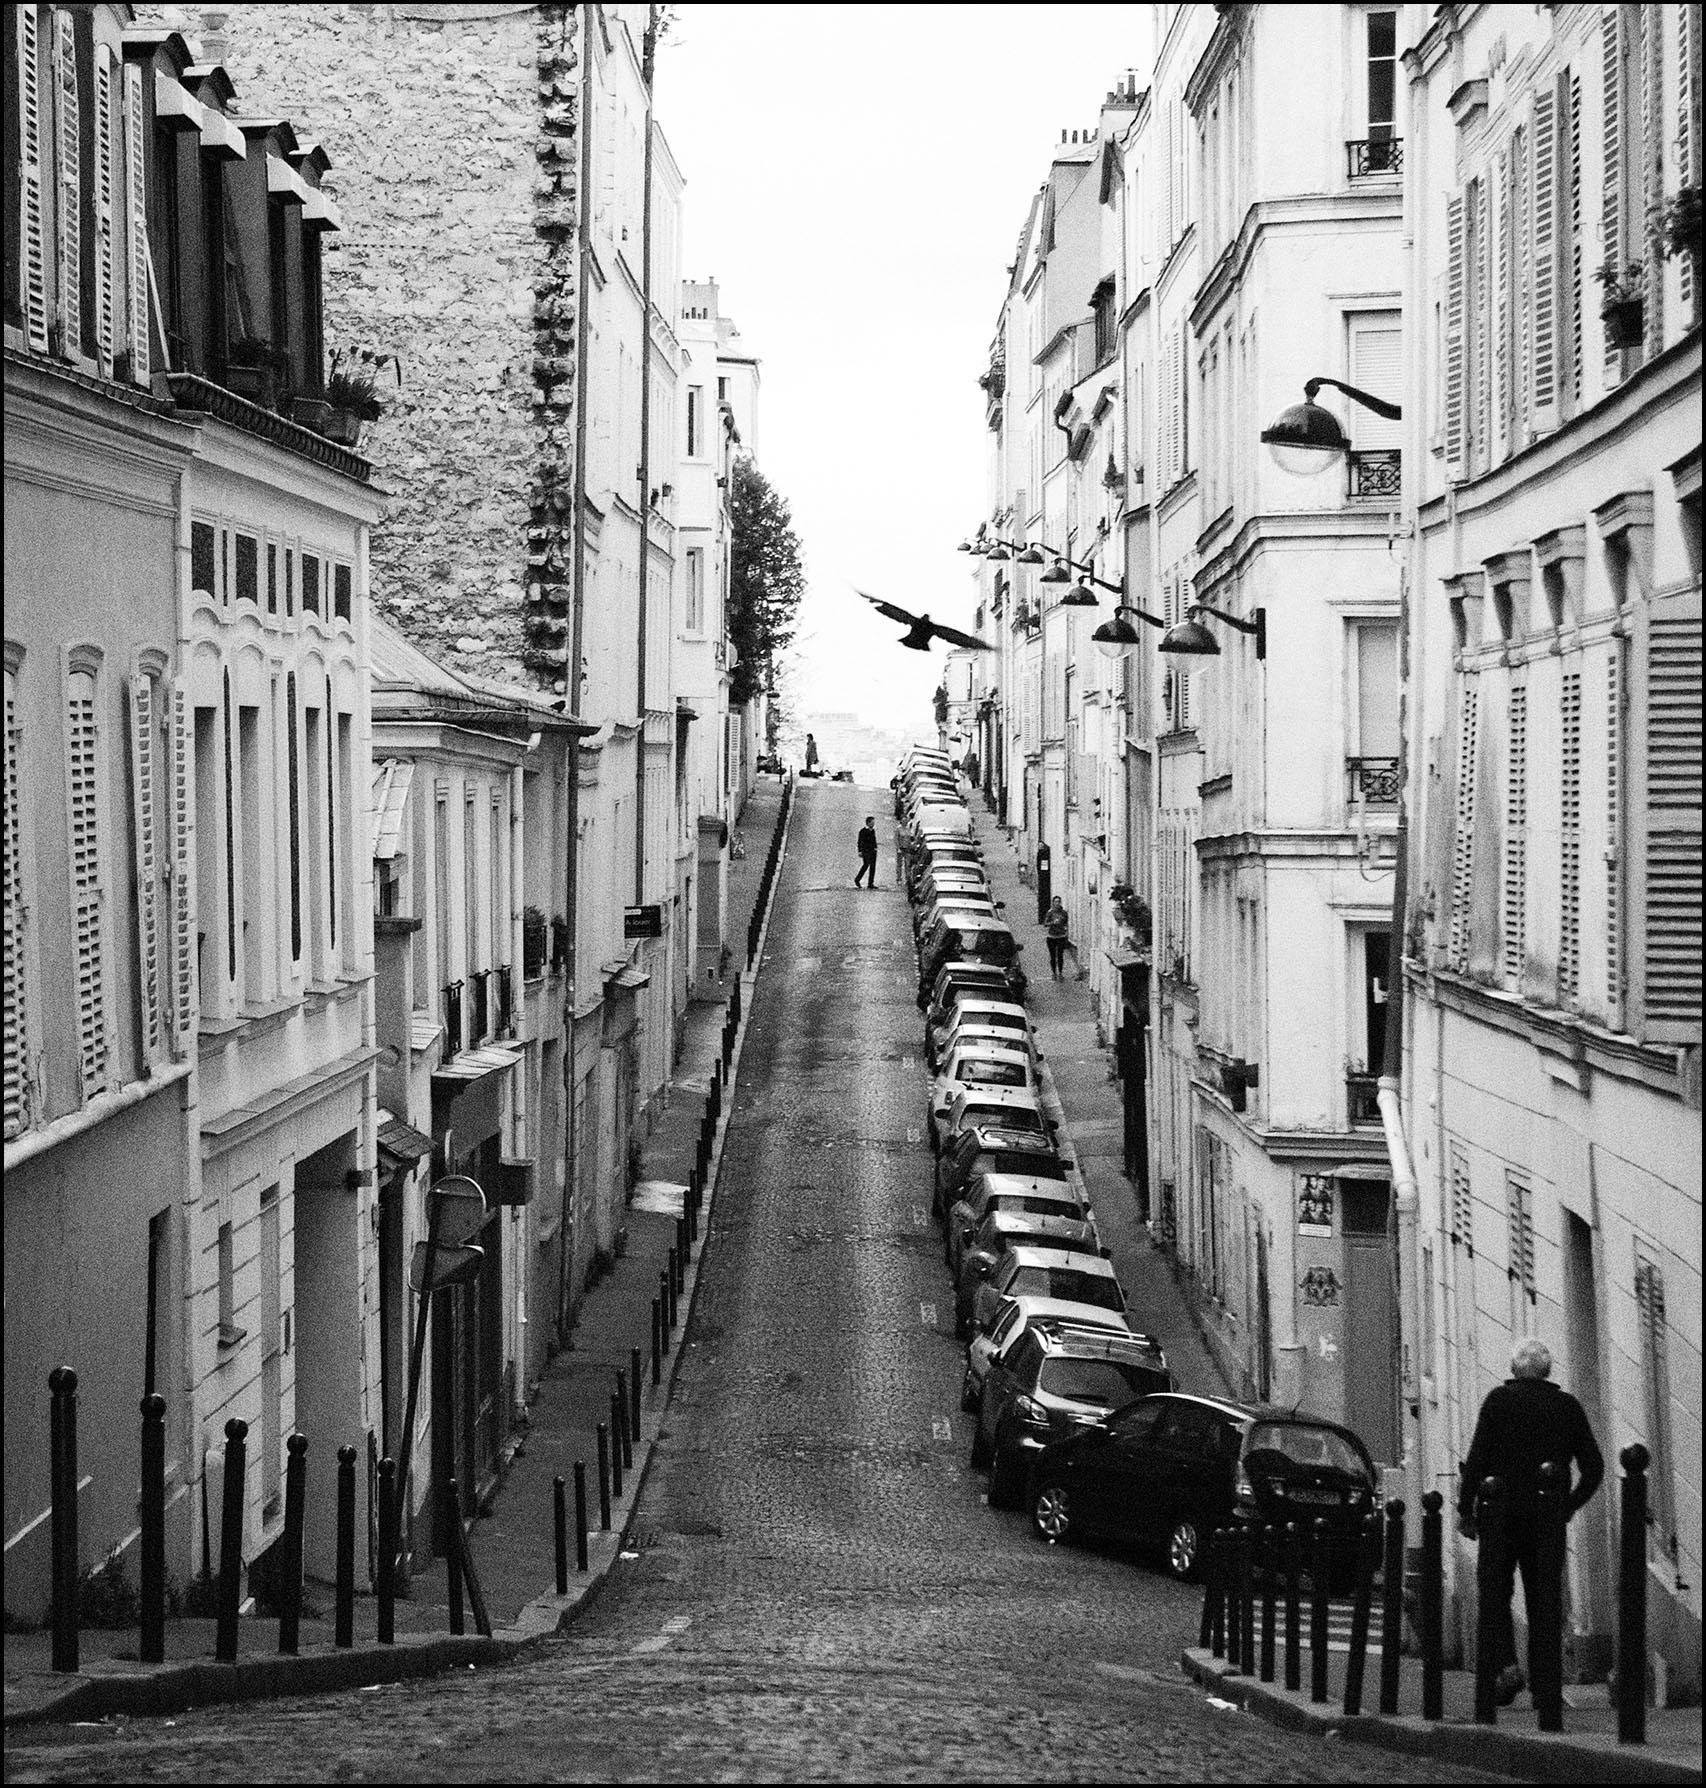 Merethe WesselBerg _ Series Paris _ Paris 1.jpg.jpg